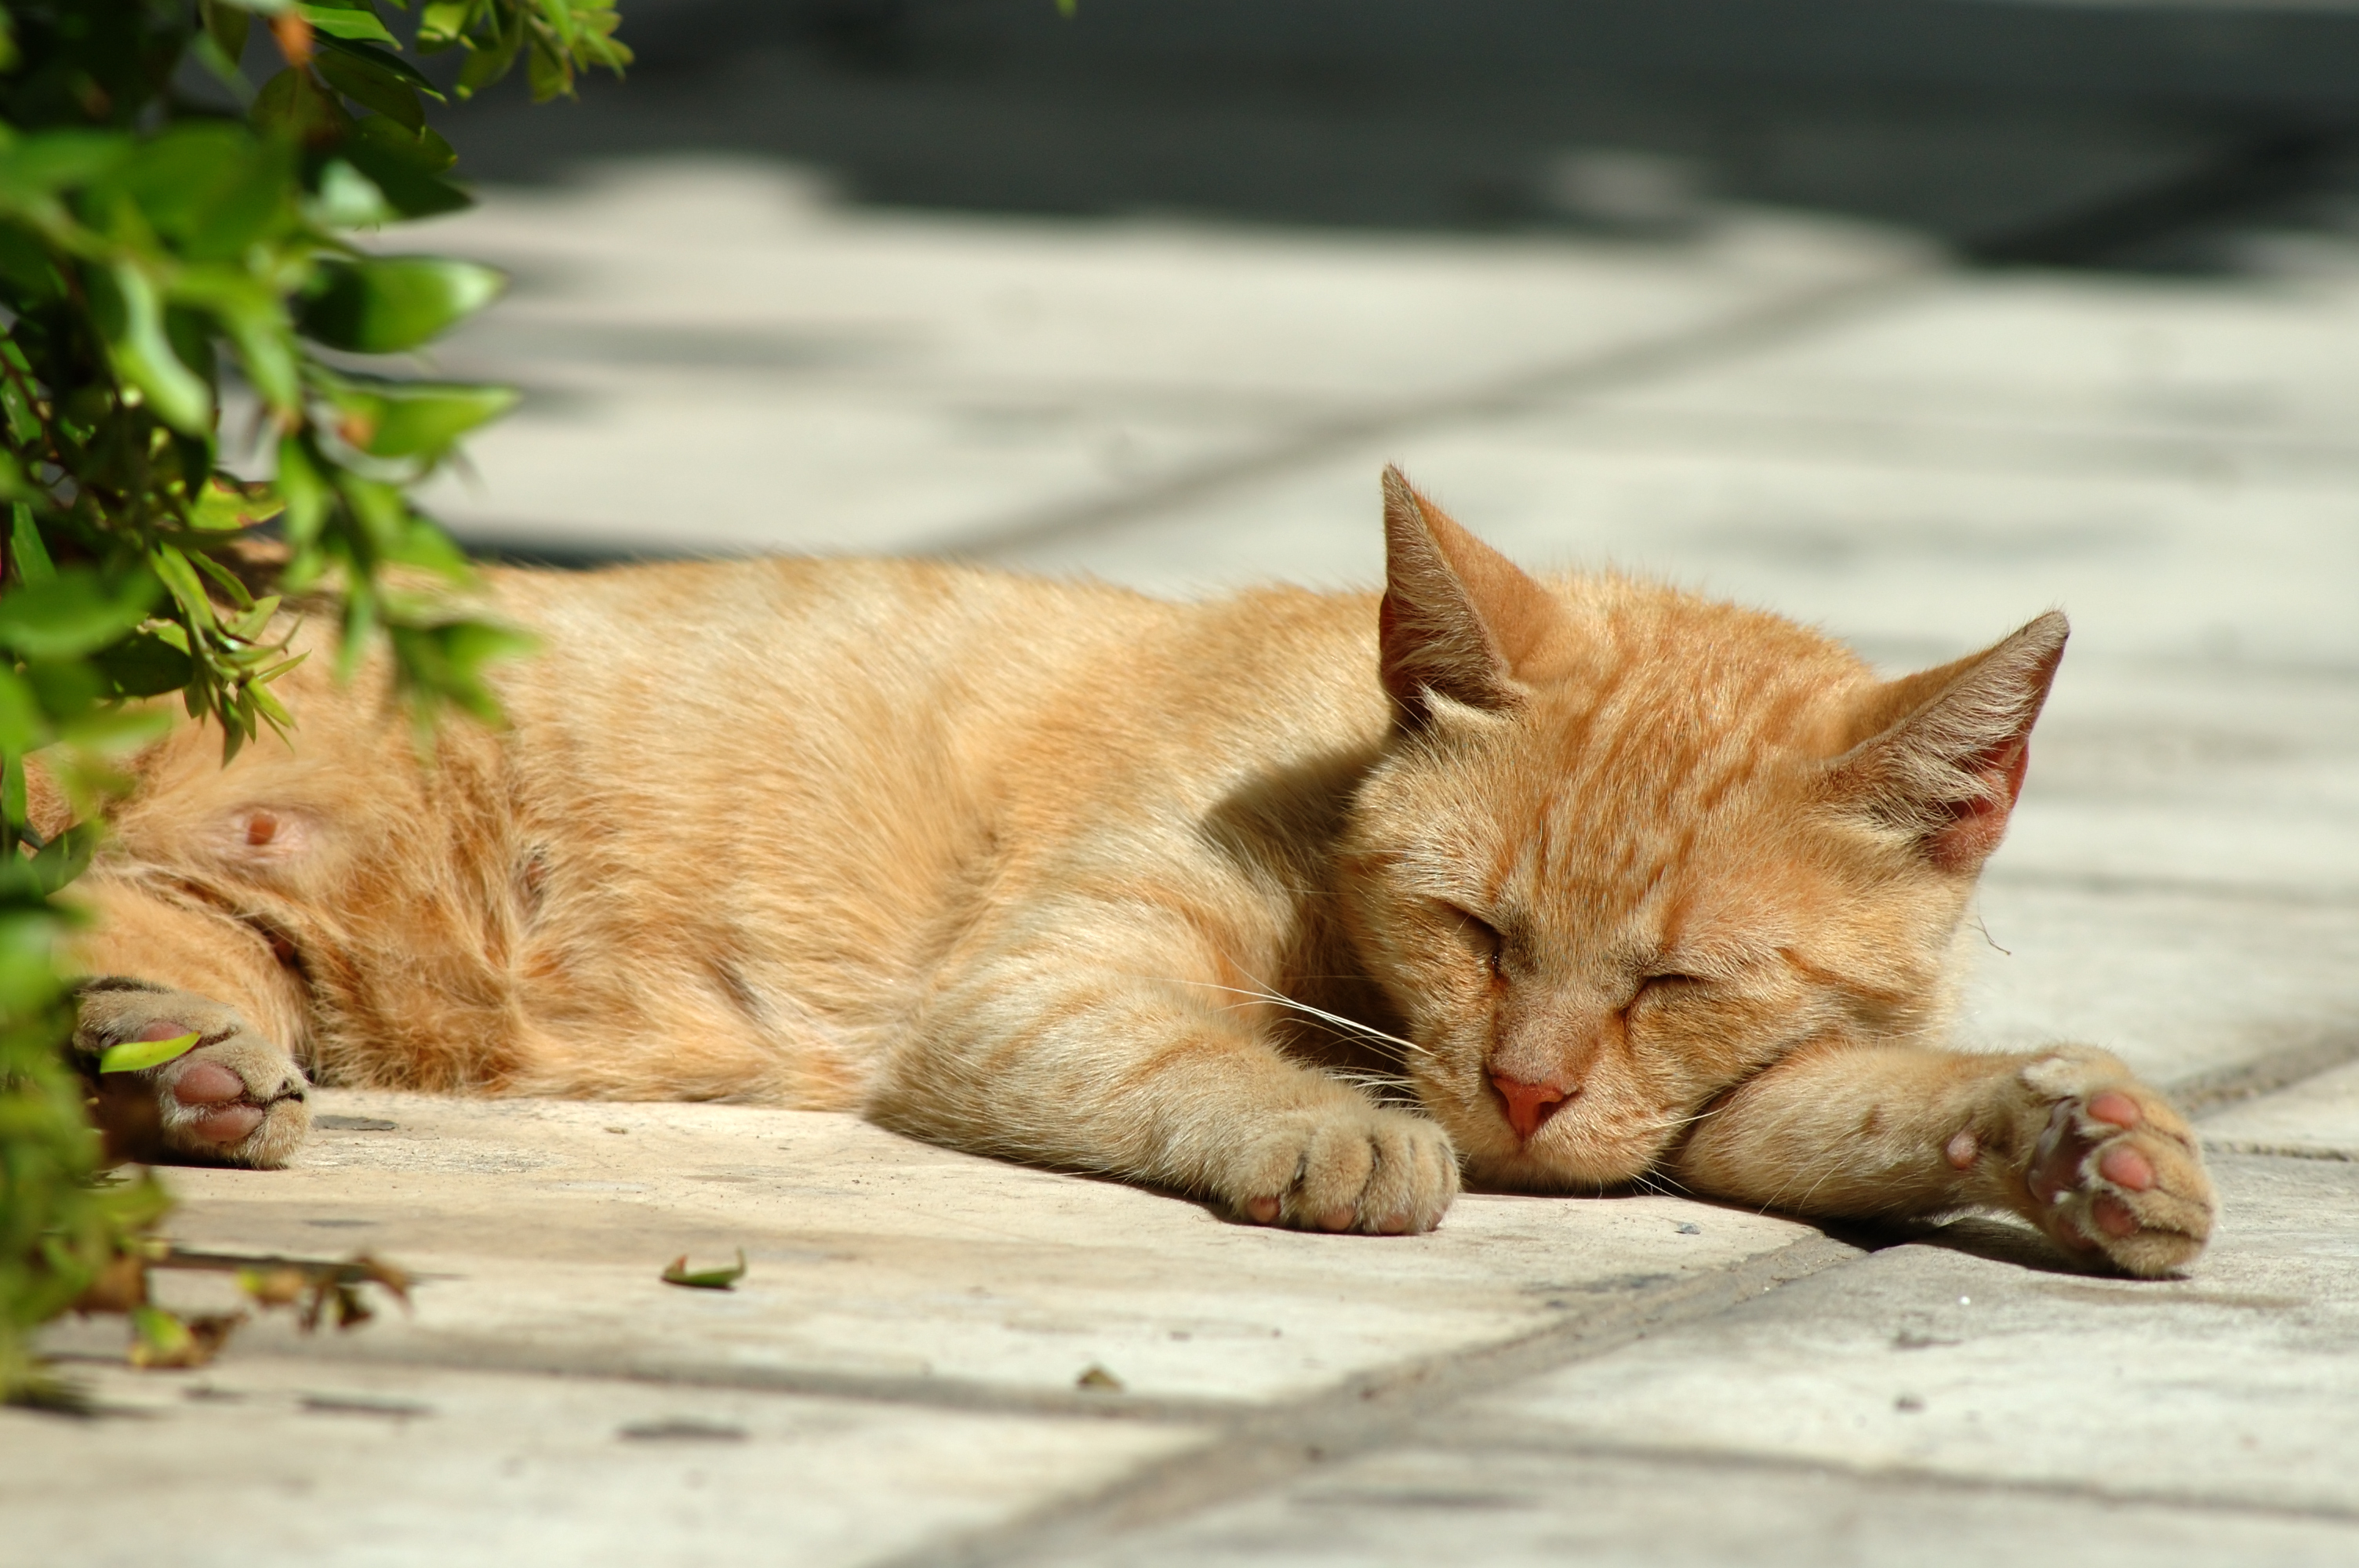 Pr venir le coup de chaleur chez le chat bulle bleue - Coup de chaleur chat symptomes ...